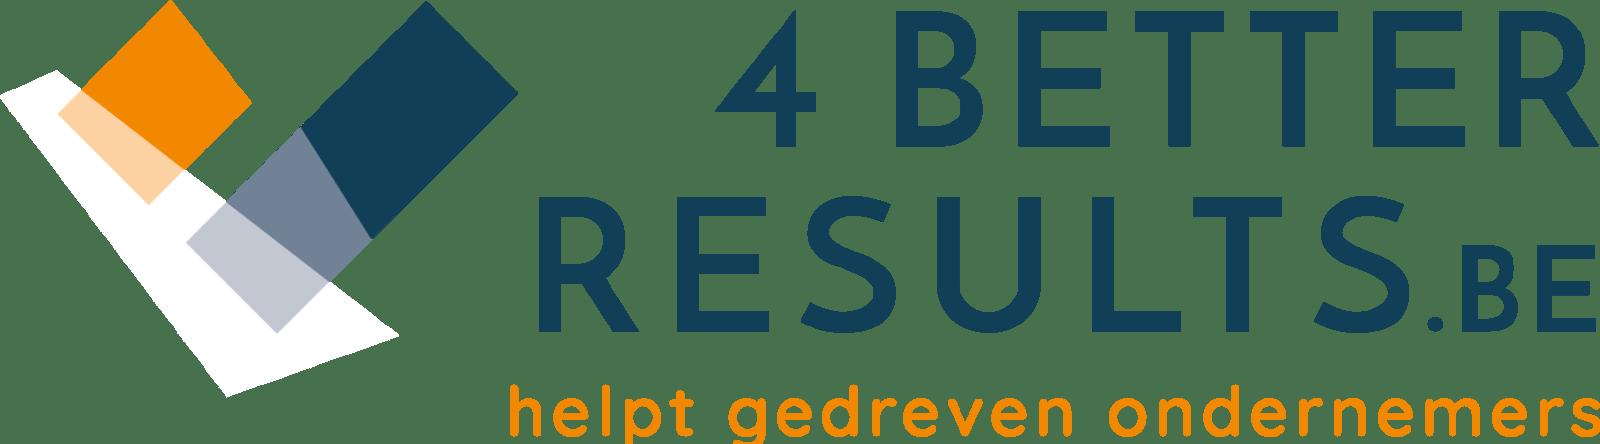 4BetterResults.be: Management Advies, Opleiding, en Interim Management voor de KMO-eigenaar